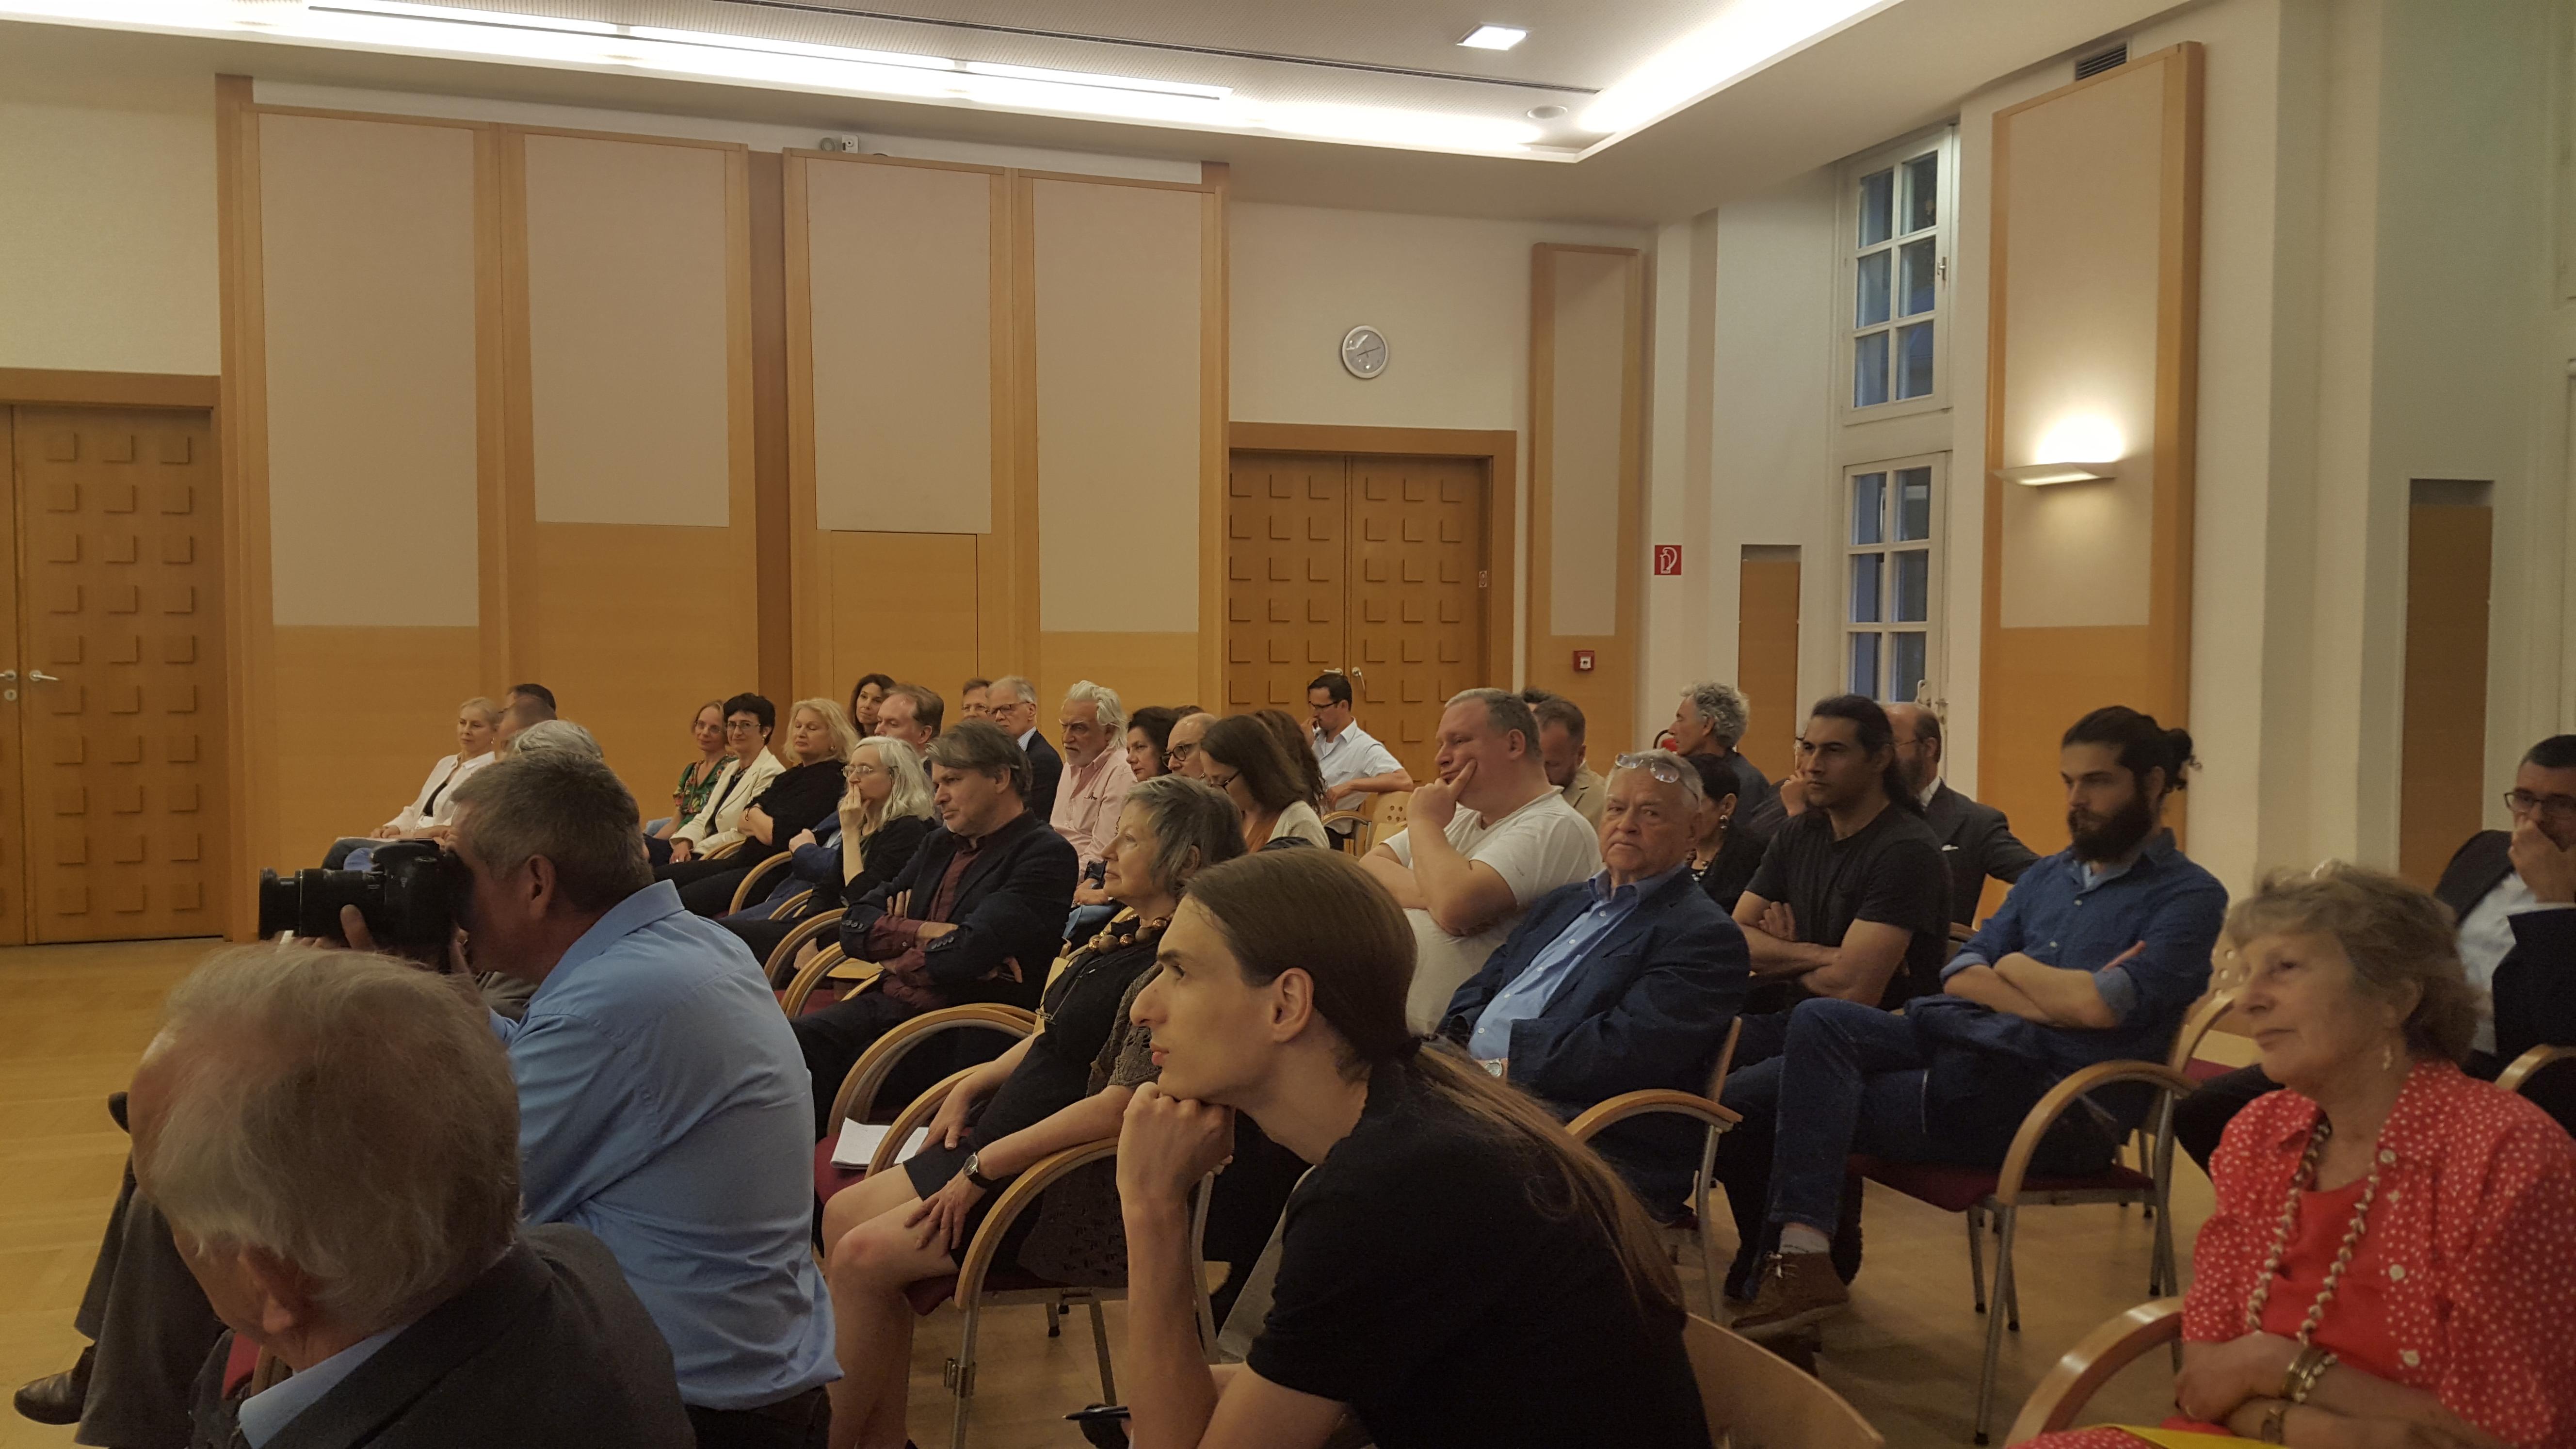 20170606 NIF Wiener Diplomatenakademie Fotos Elena Mitzeva 8.jpg Publikum